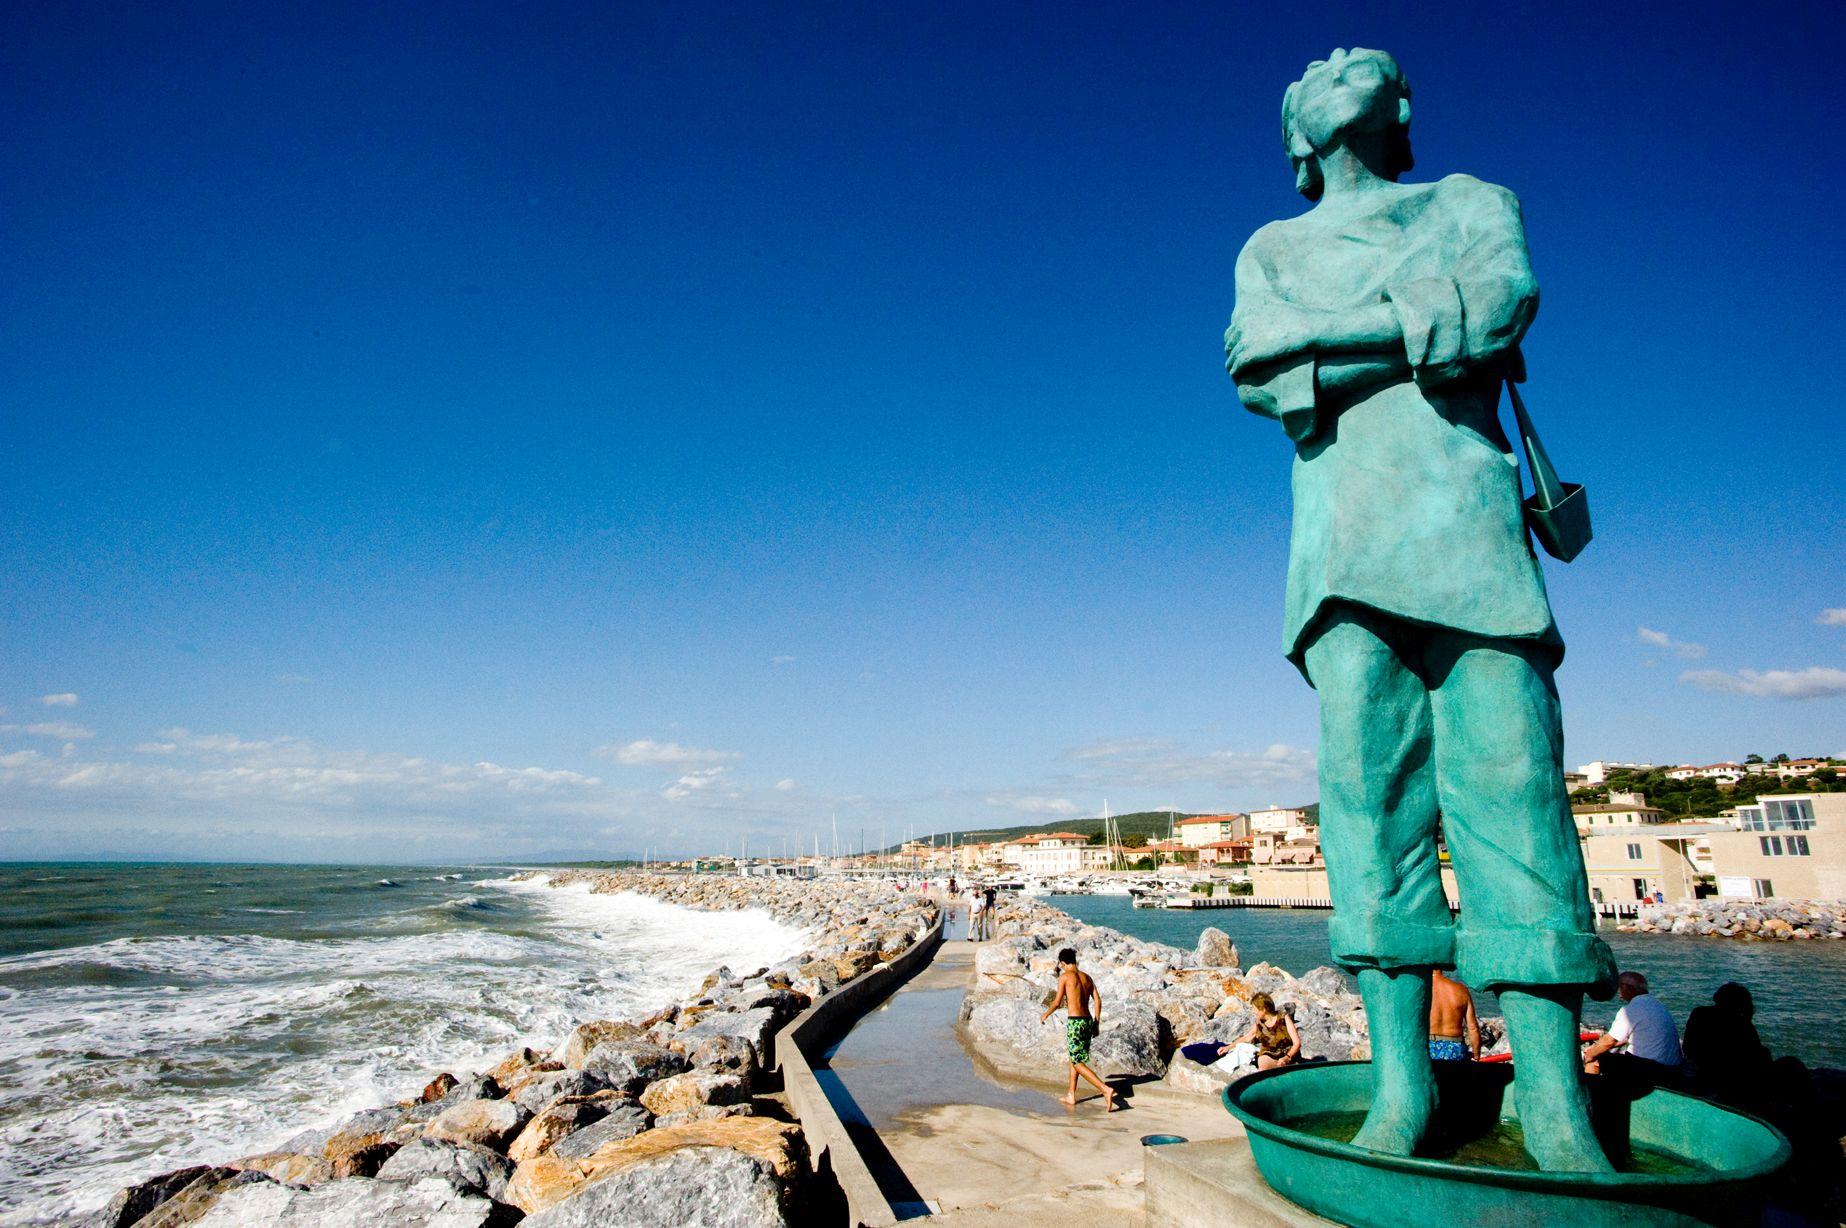 La statua del Marinaio